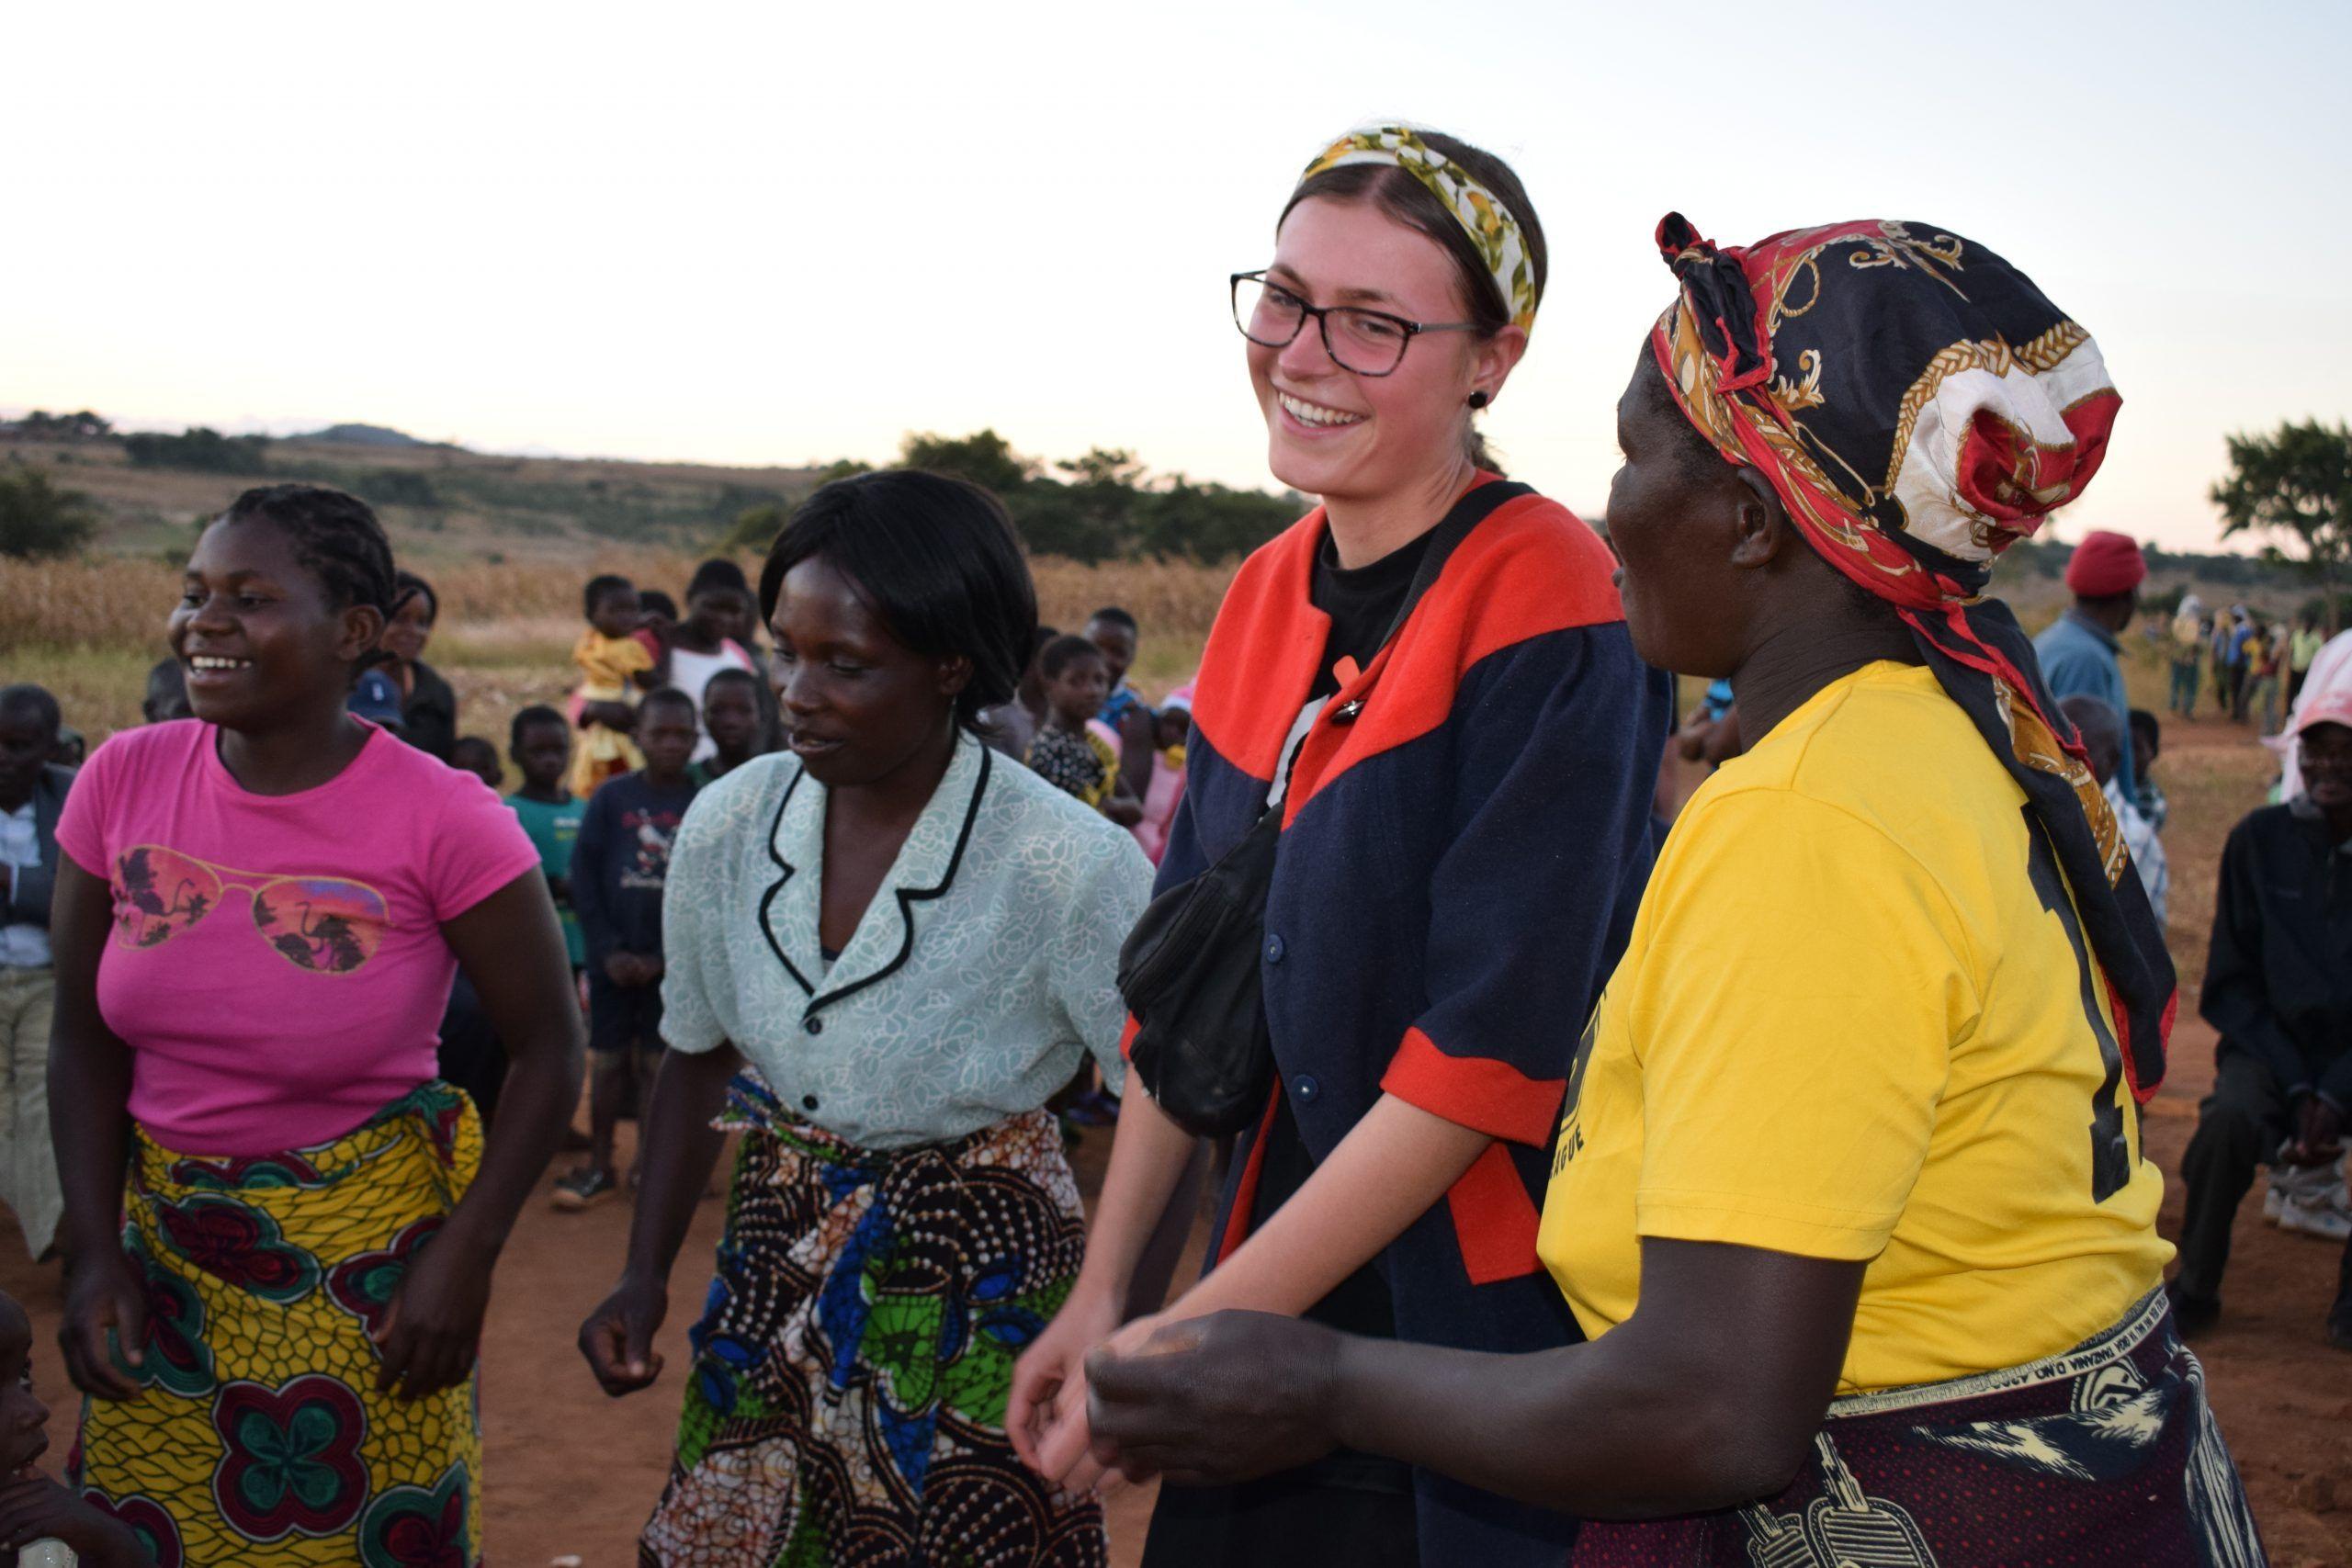 Elever danser med i malawi - silkeborg højskole